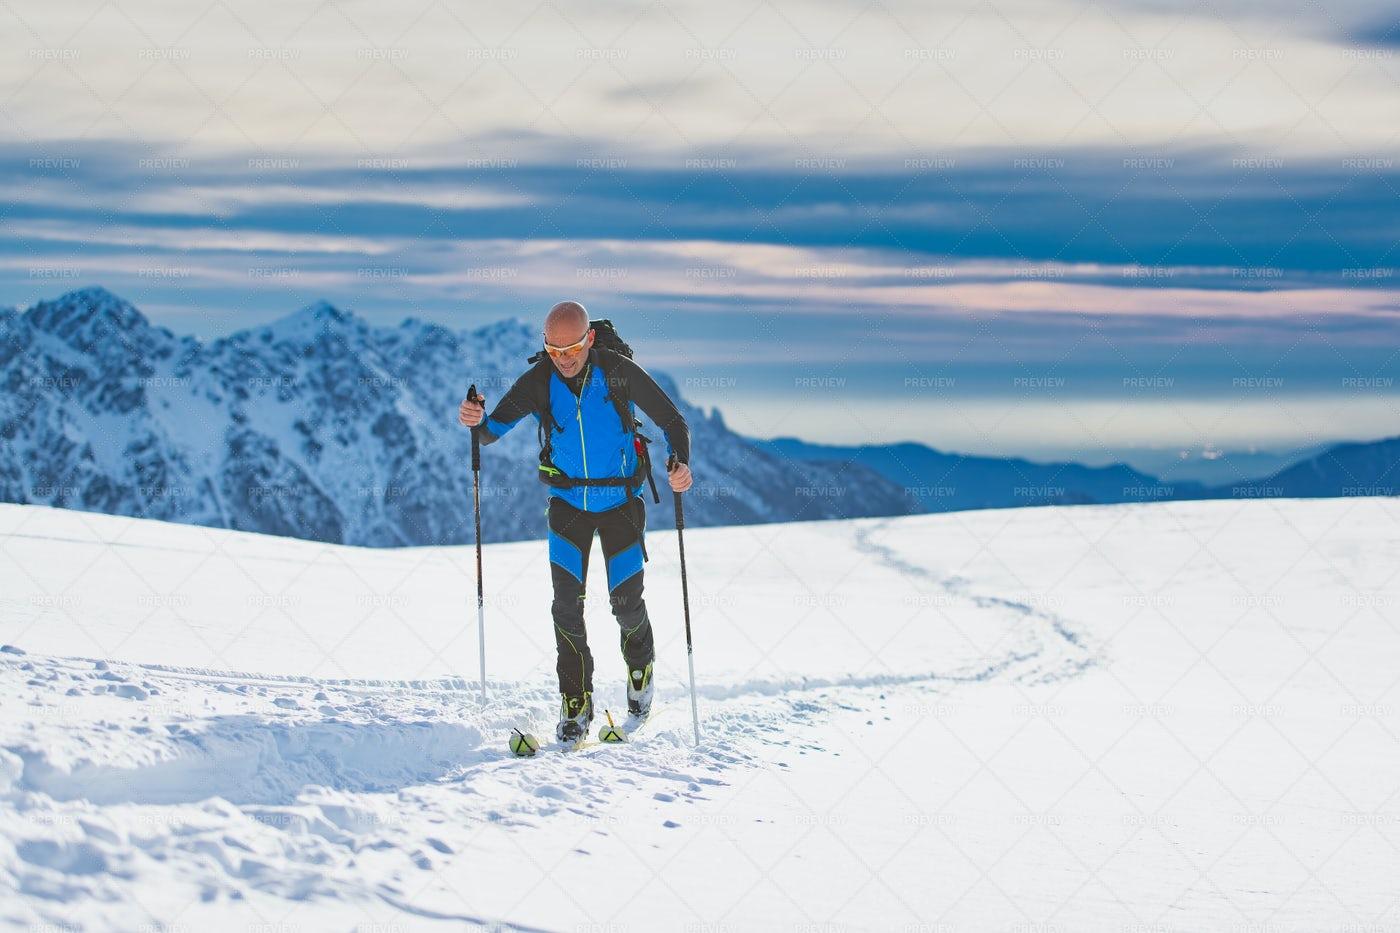 Skier On The Alps Plateau: Stock Photos